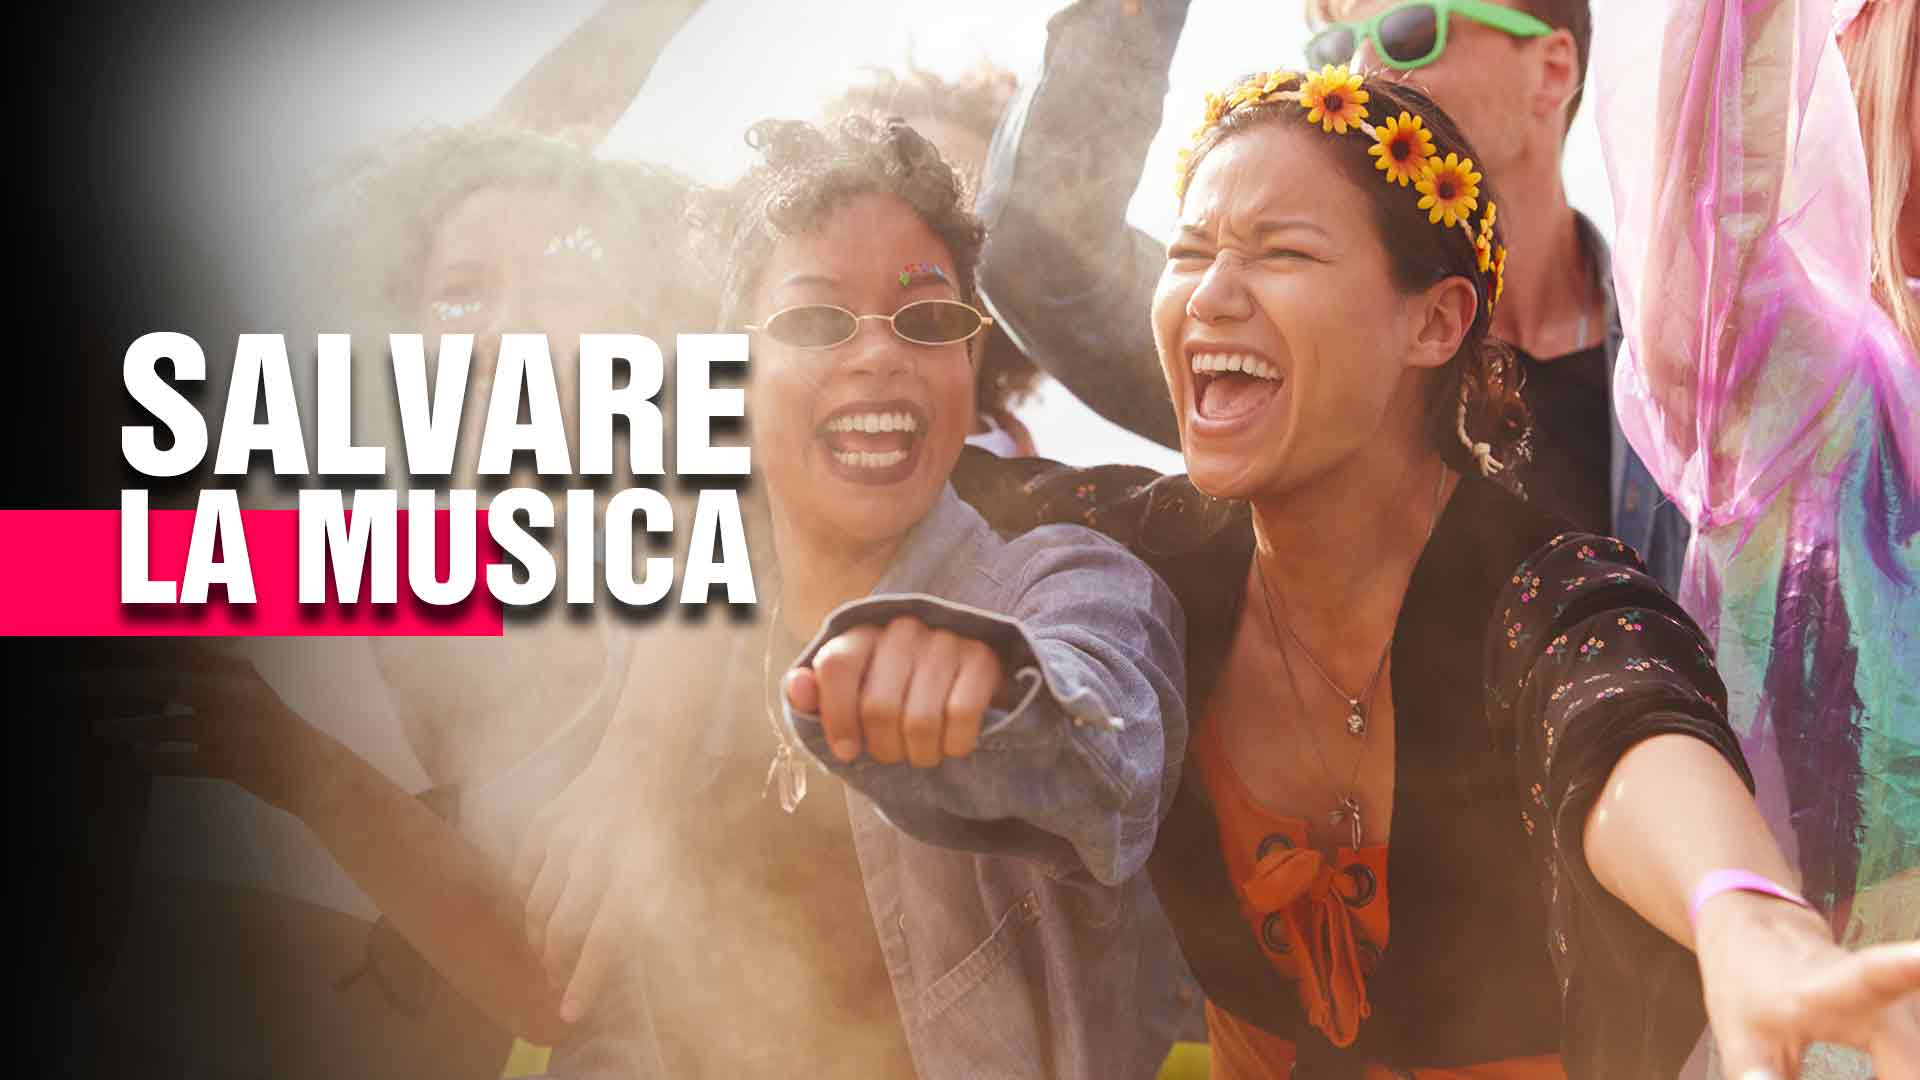 salvare la musica